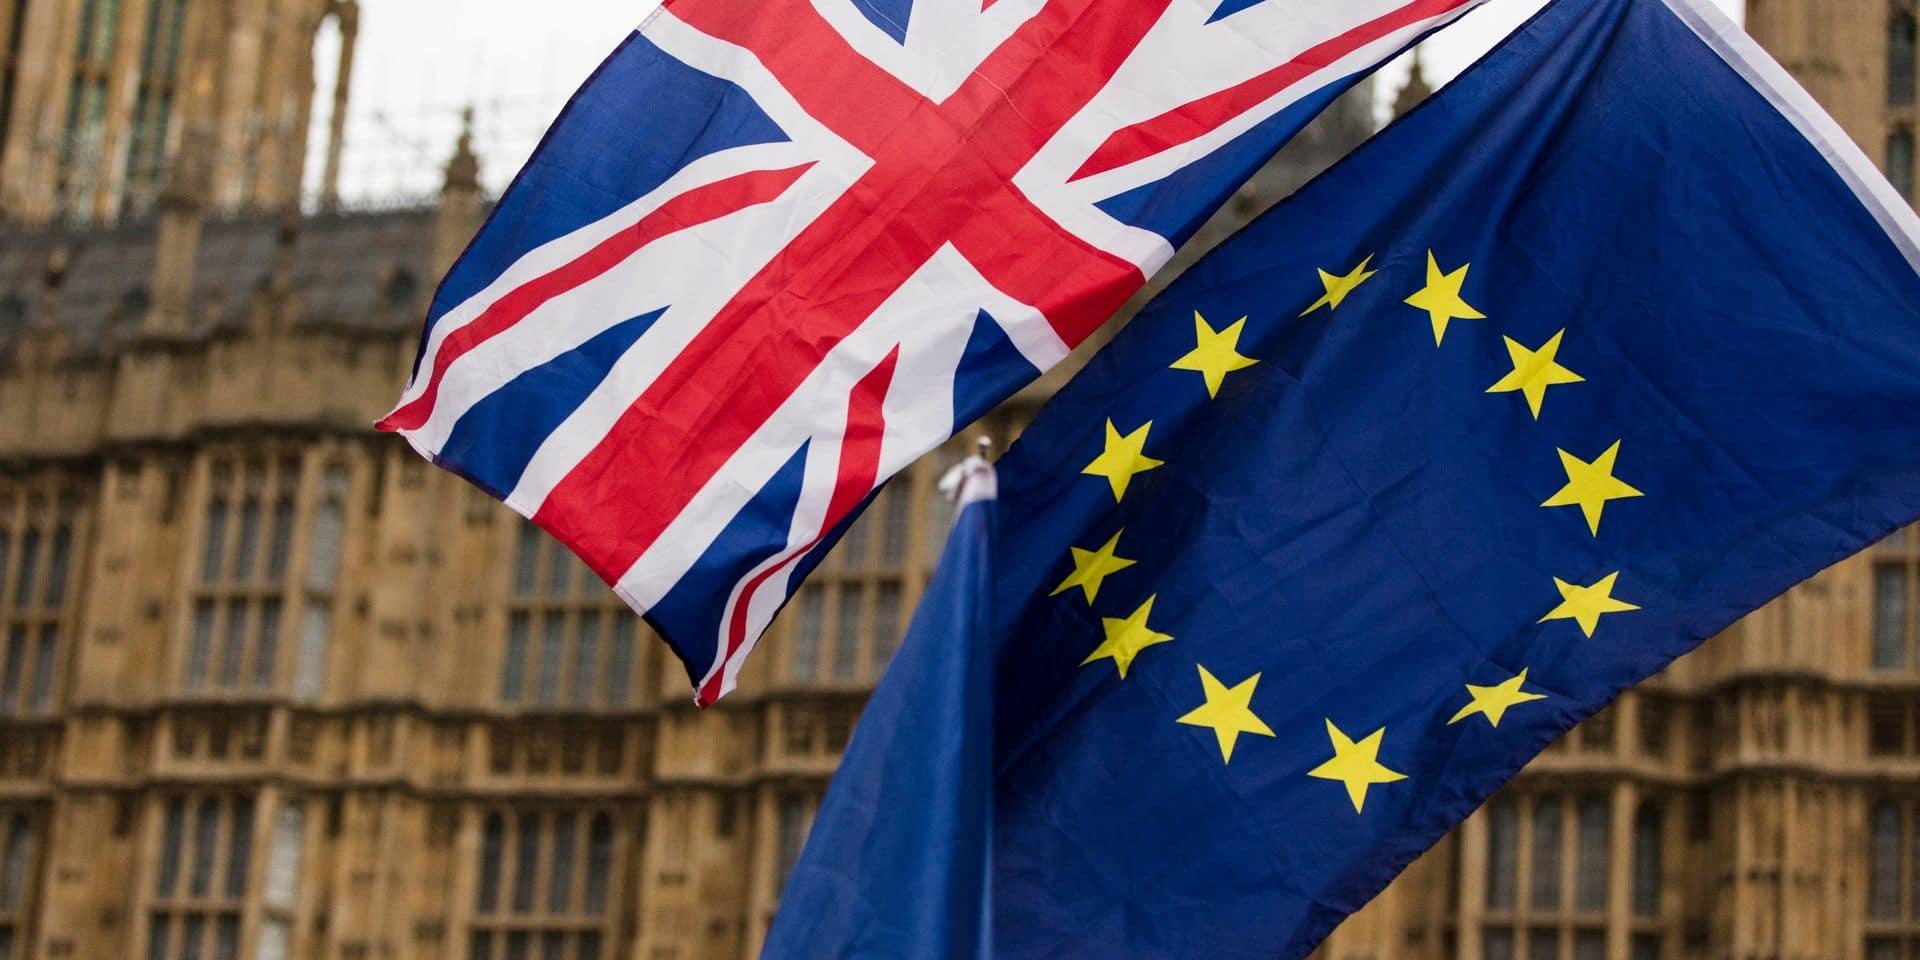 """""""On ne peut pas continuer comme ça"""" : les Vingt-sept entendent que le Royaume-Uni respecte les accords conclus"""